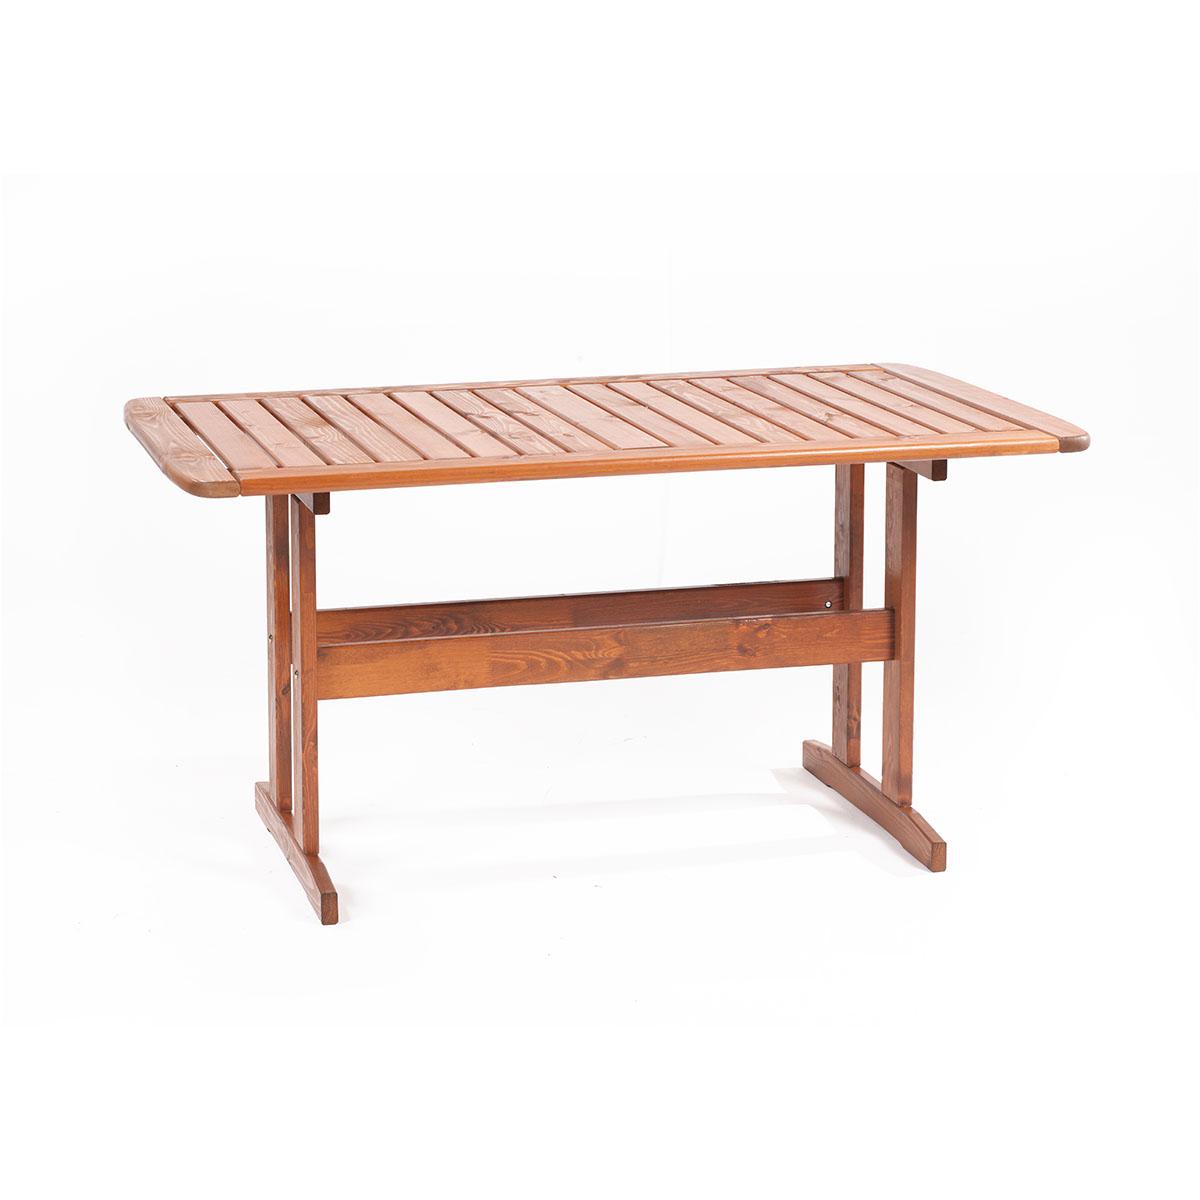 zahradní stůl z borovice Garland Skeppsvik